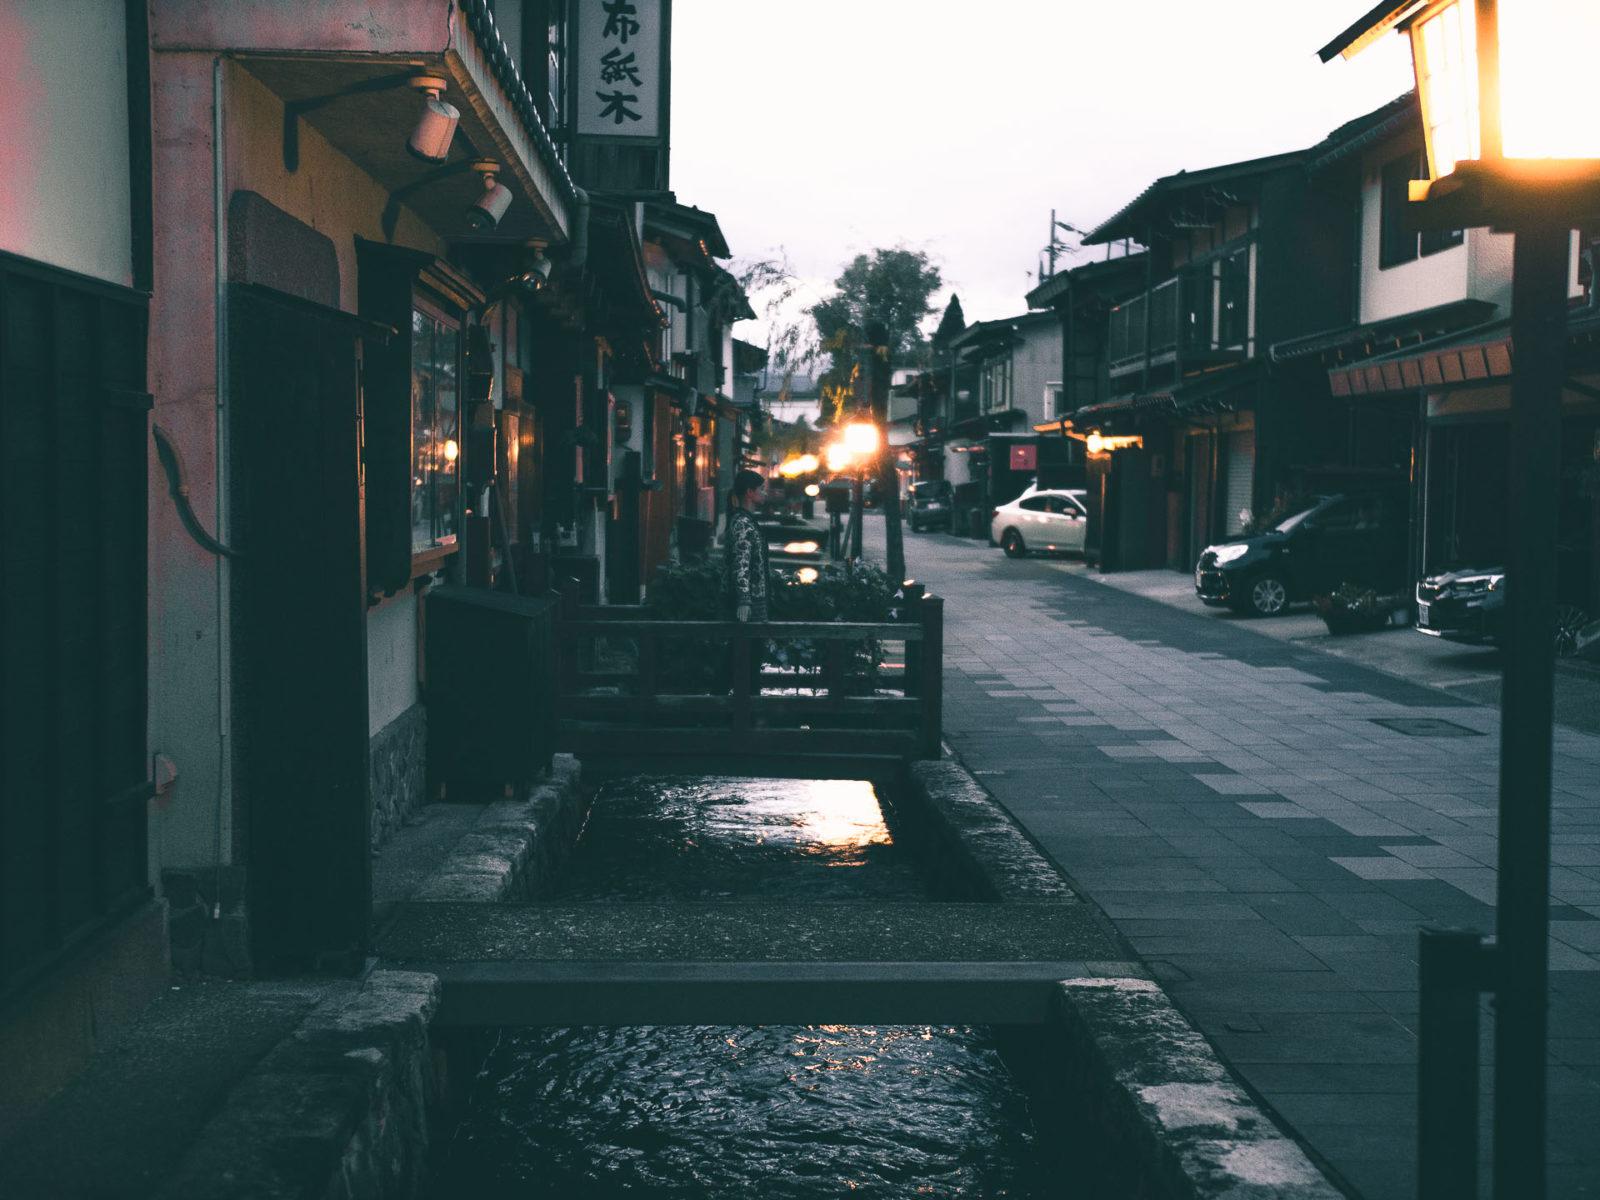 1600942432 659 Hida Furukawa camina en Japon inspiracion de Your Name